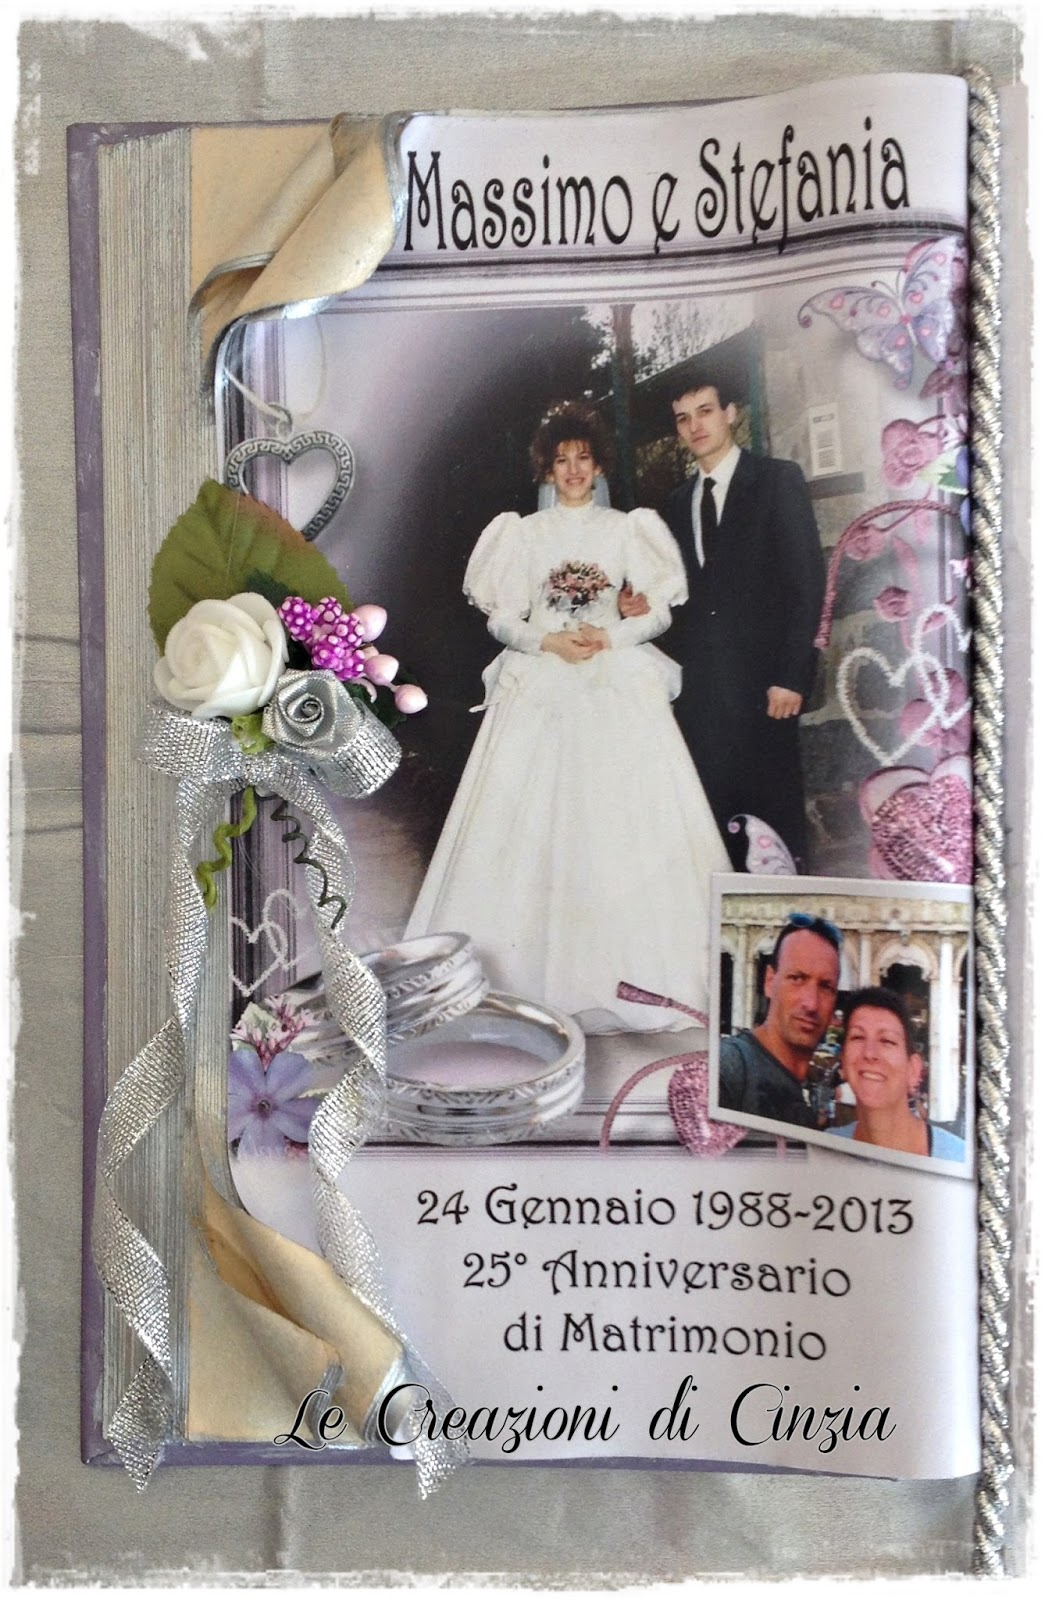 Le creazioni di cinzia nozze d 39 argento a vercelli for Anniversario di matrimonio 25